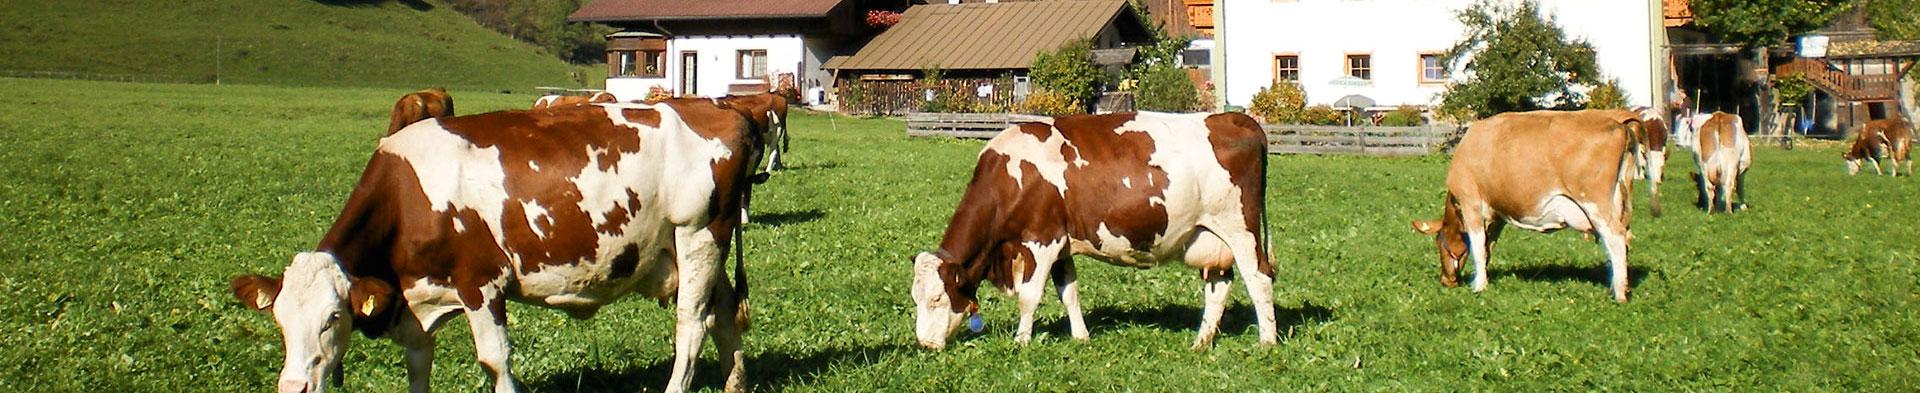 Tiere - Urlaub am Baubernhof in Bad Hofgastein